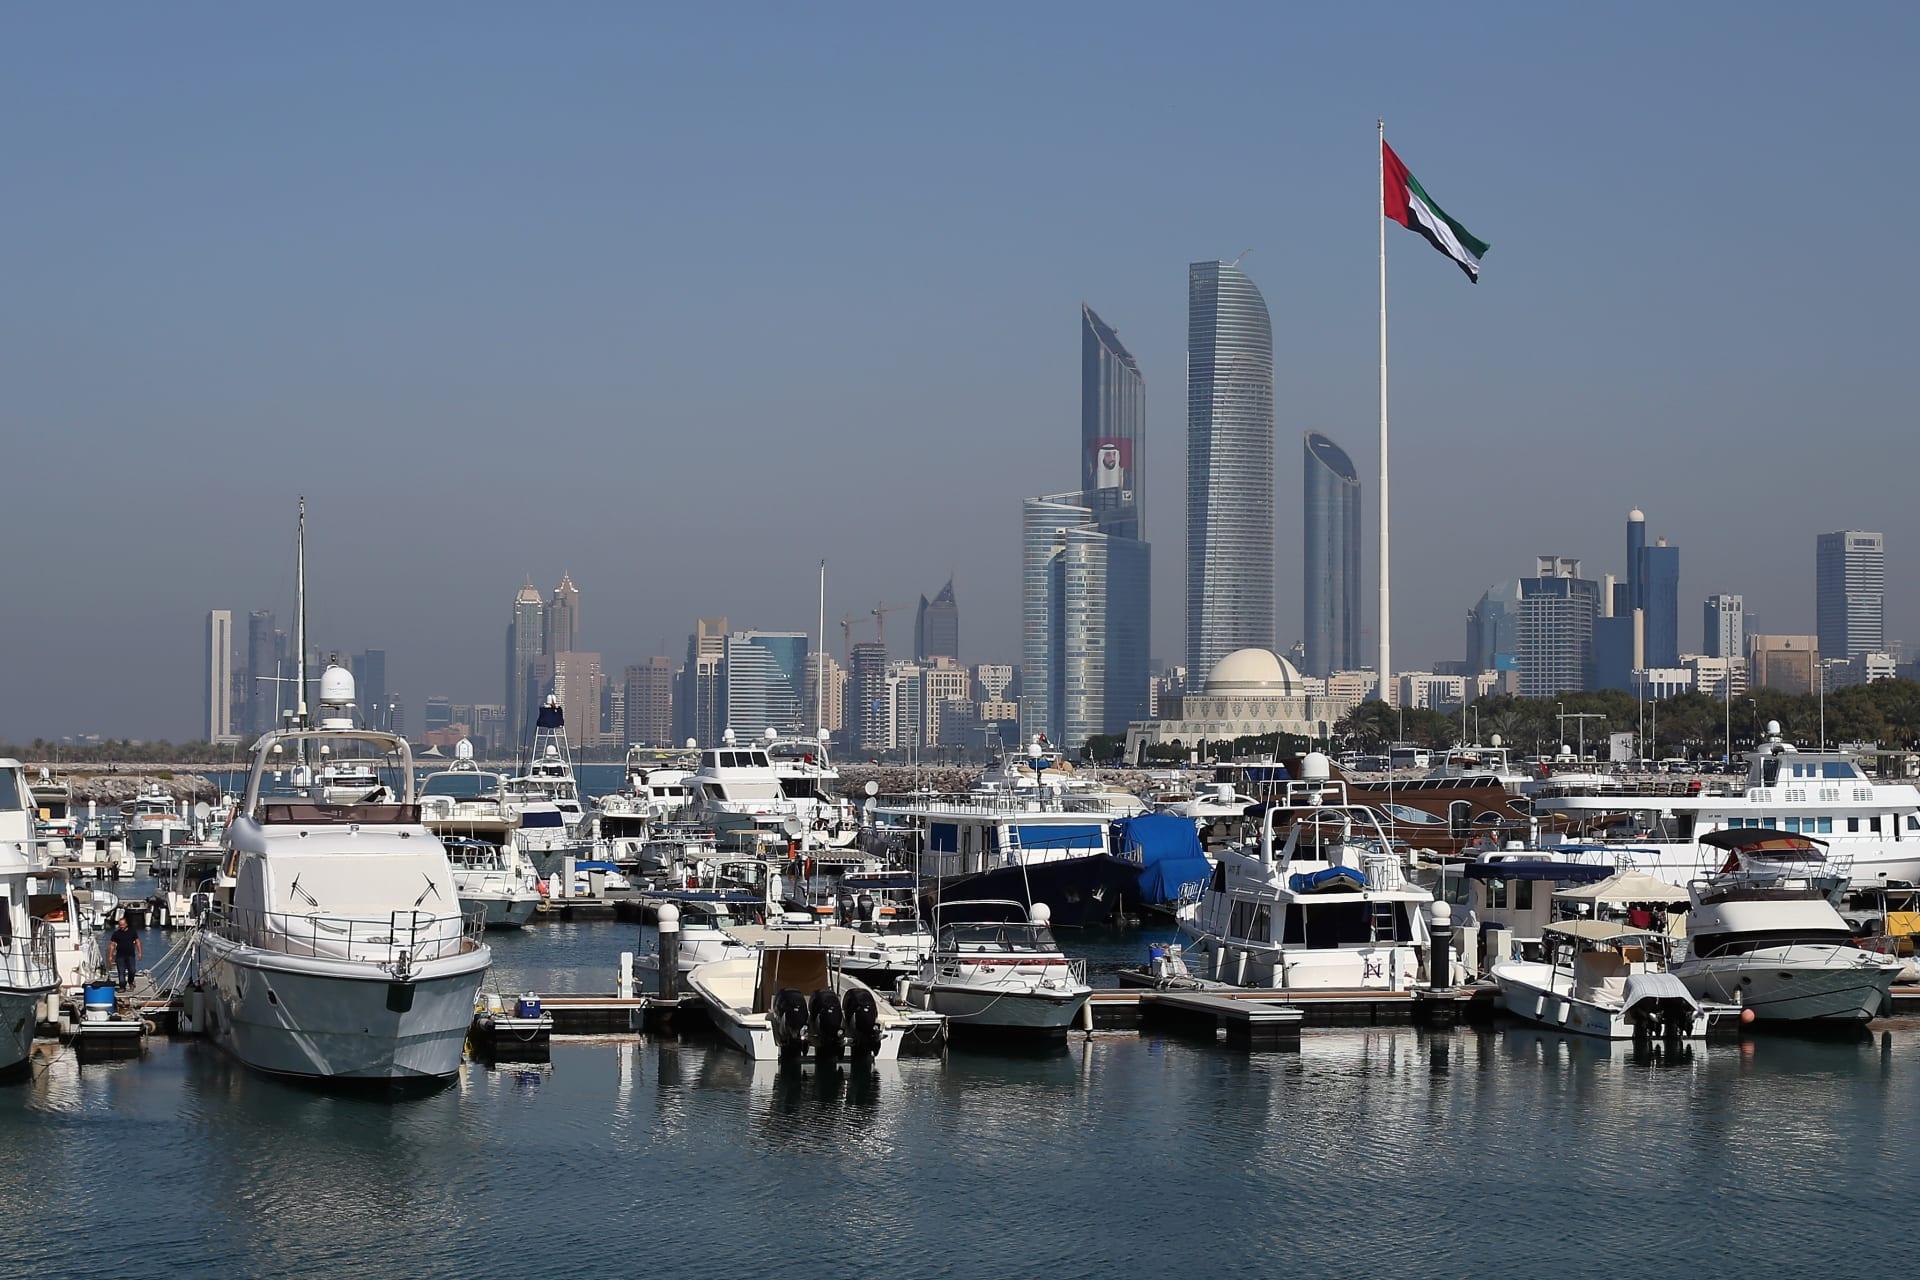 """النائب العام الإماراتي يمنع تداول قضية """"واقعة الاغتصاب"""" إعلاميا أو عبر وسائل التواصل"""